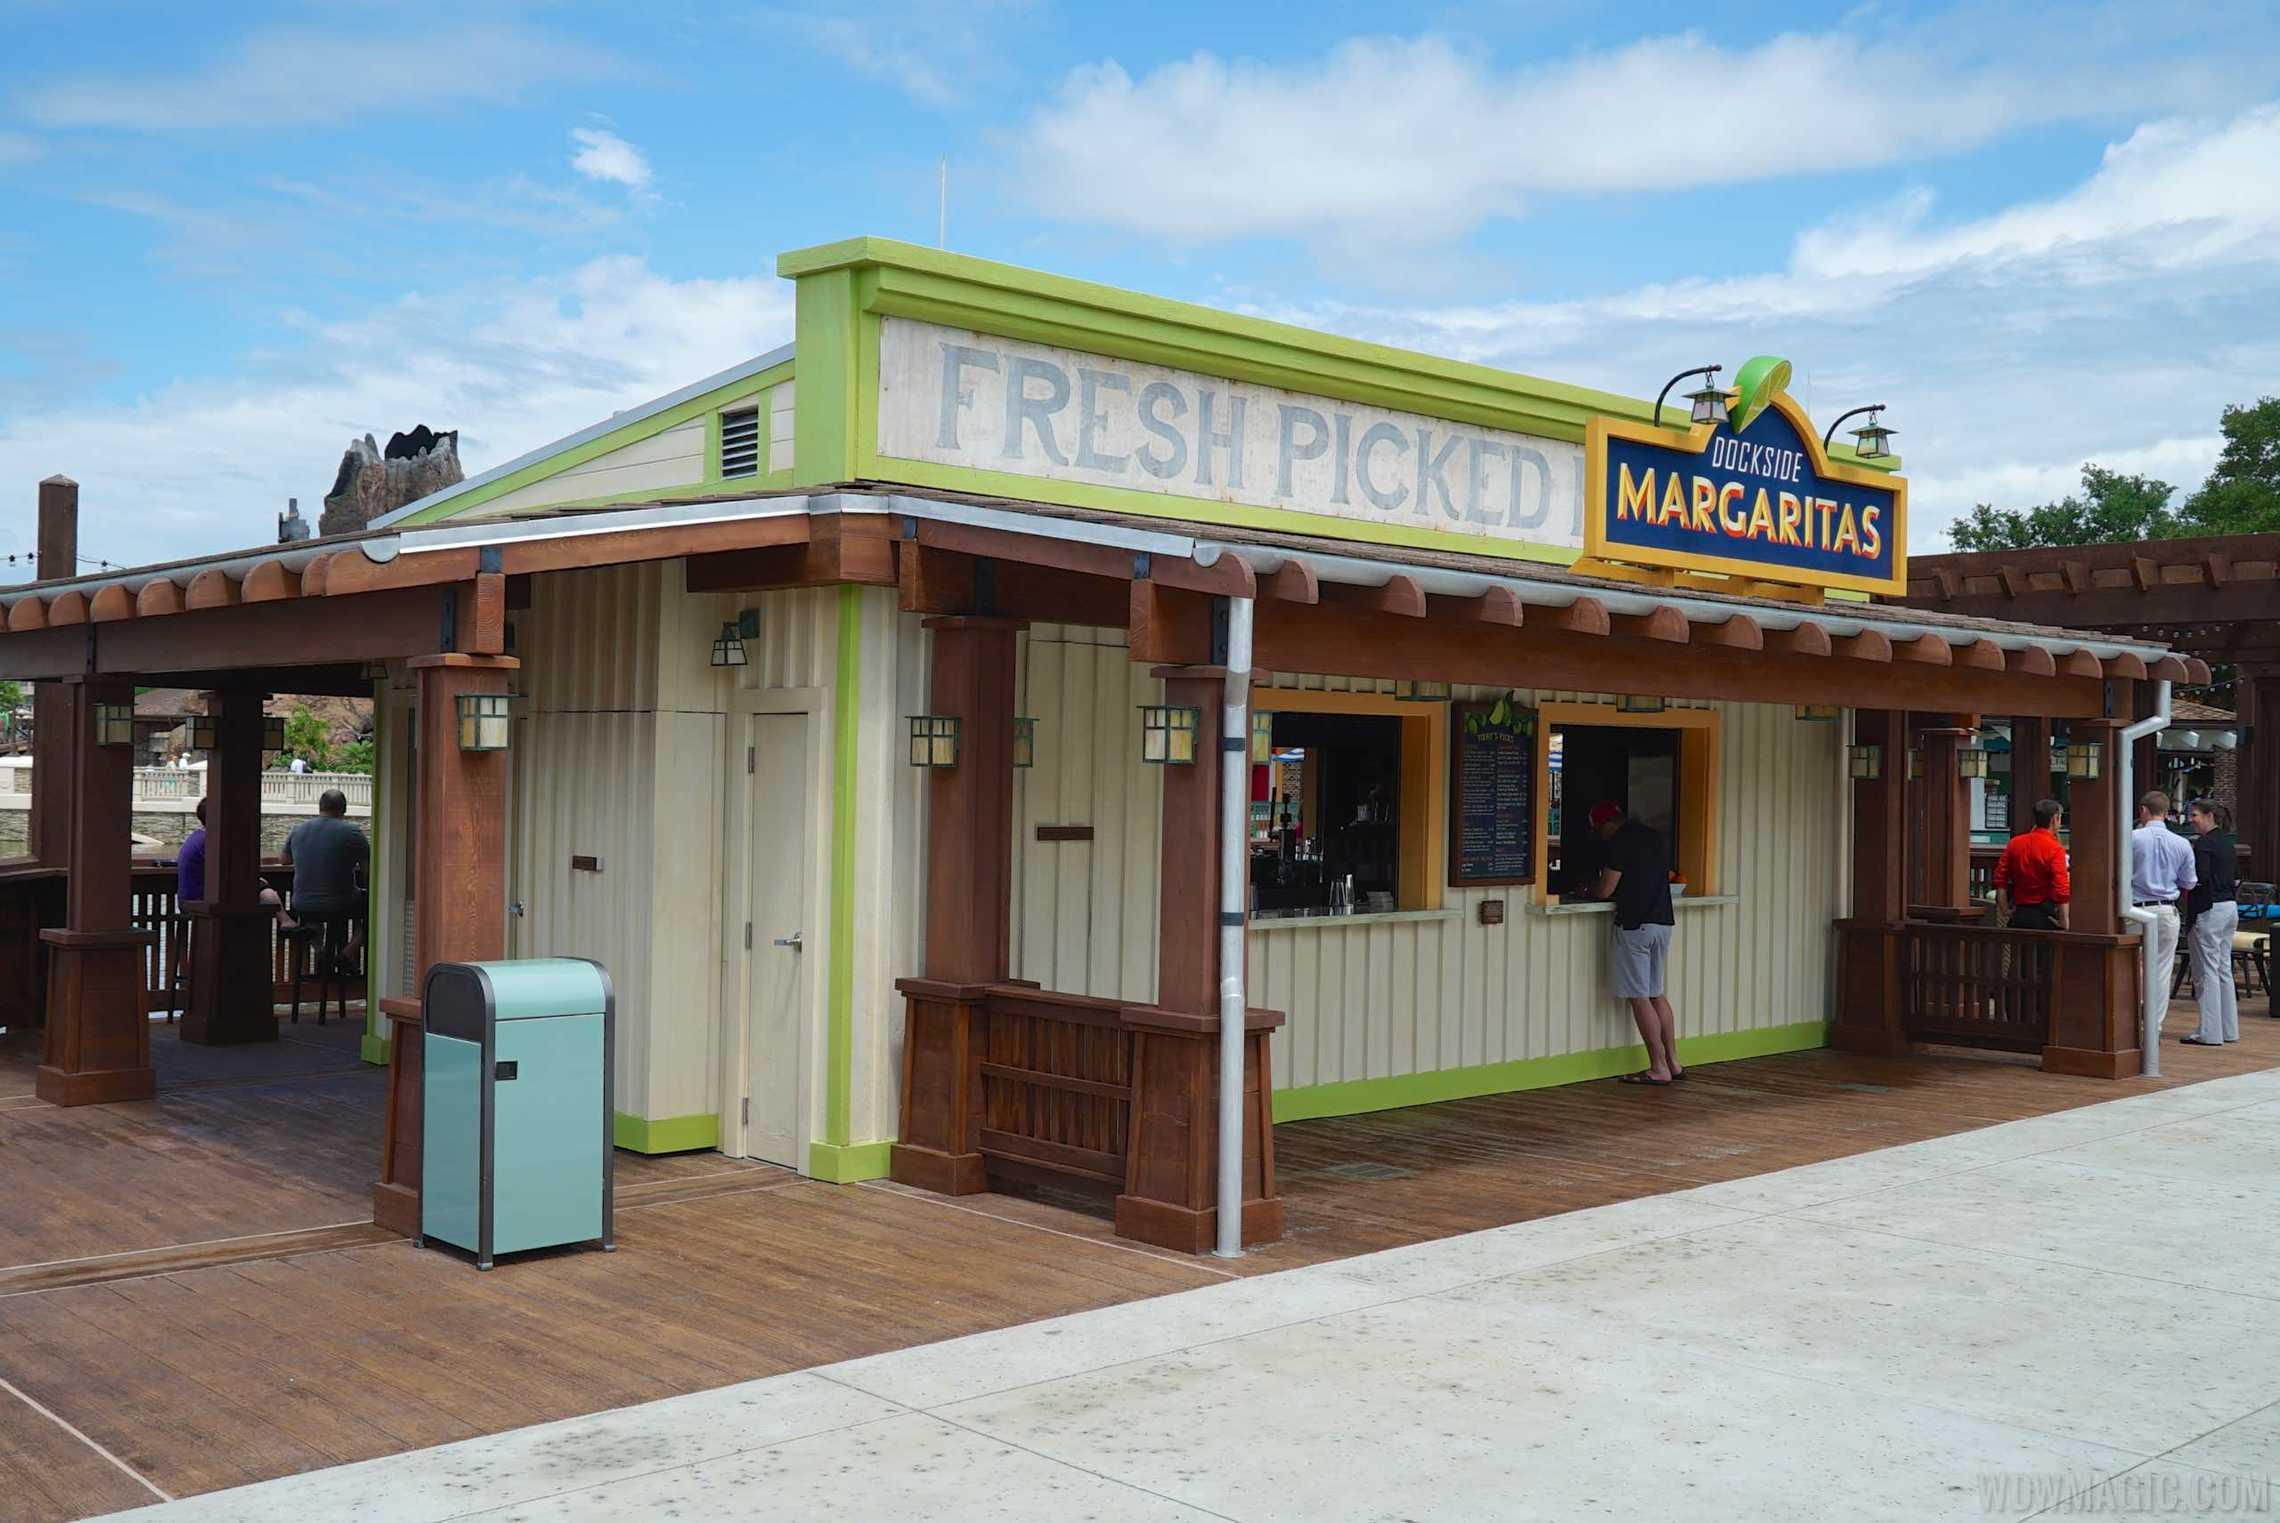 Dockside Margaritas - Overview